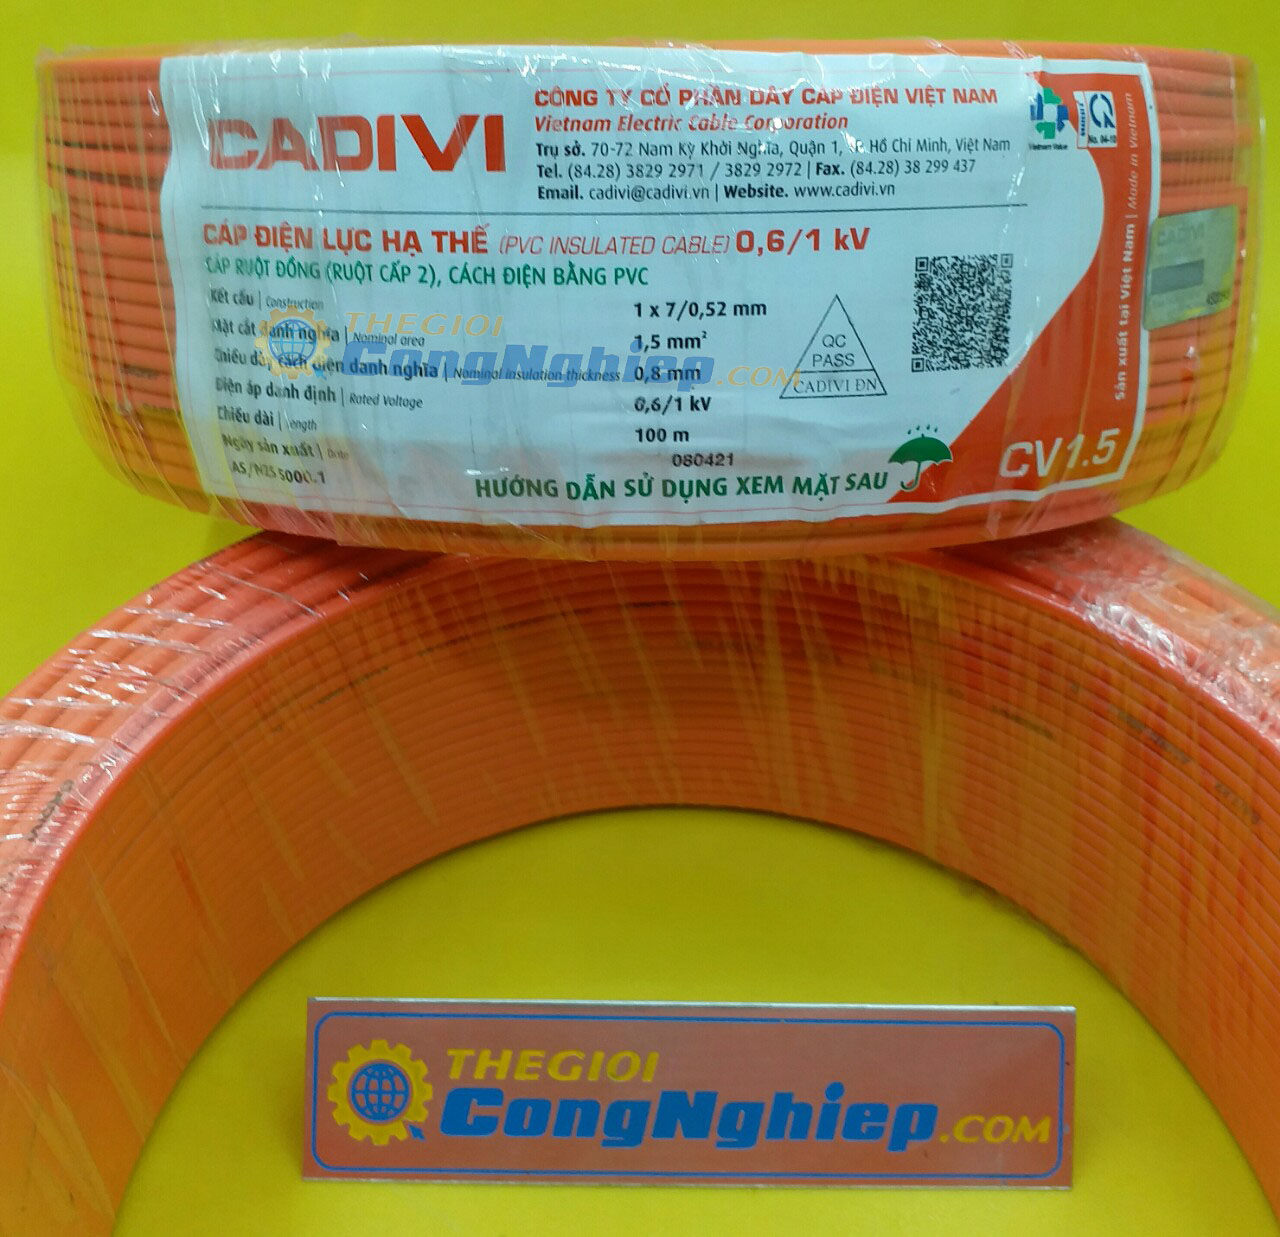 Cáp điện lực hạ thế cv 1.5 (0.6/1kv) màu đỏ, ruột đồng cấp 2, cách điện bằng pvc 56006941 TGCN-35752 Cadivi